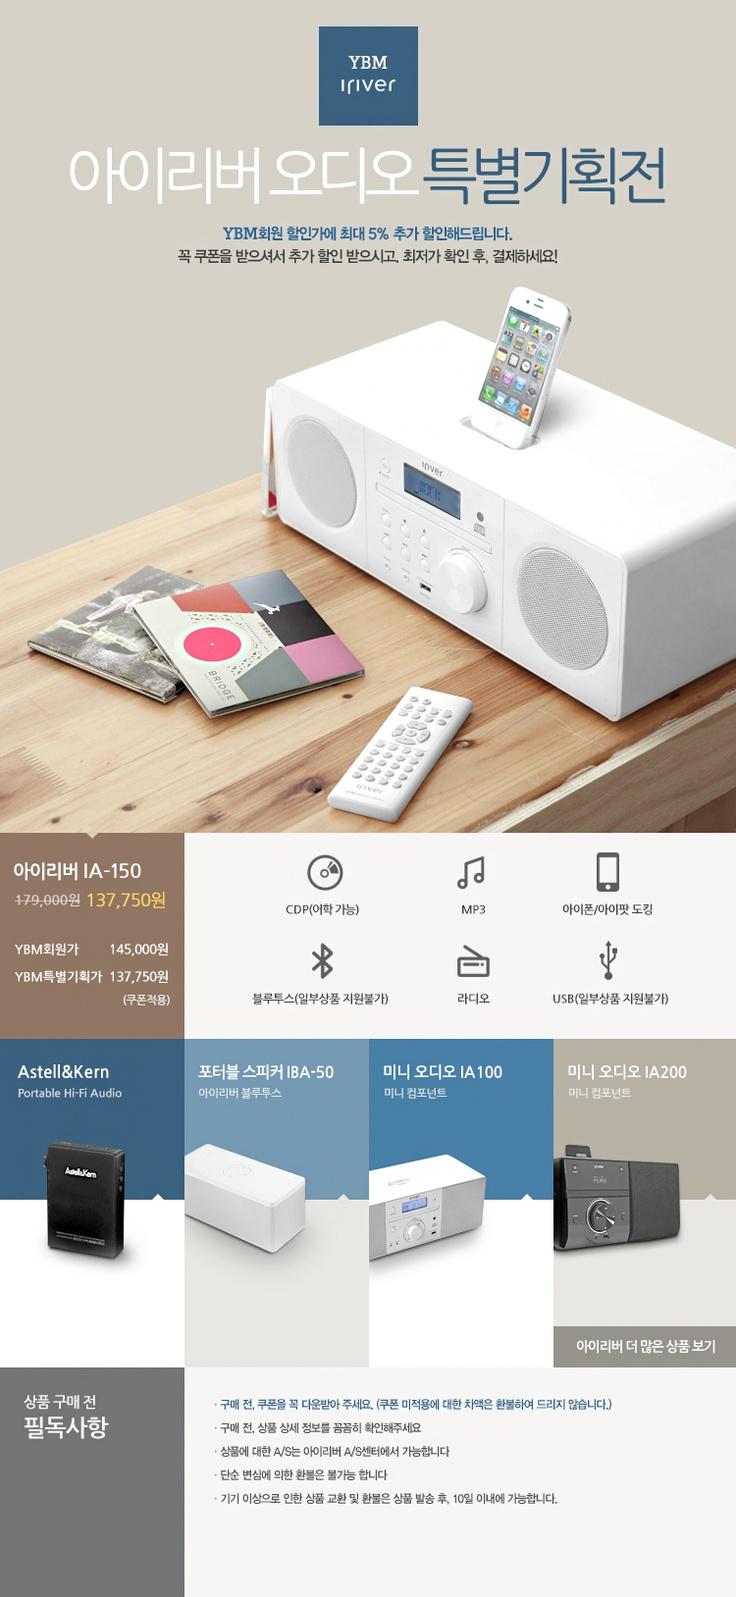 [모바일스토어] 아이리버 오디오 기획전 (이동일) 이미지컷과 타이틀 텍스트의 조화 / 제품 설명부분 디자인(background 컬러&포인트요소)